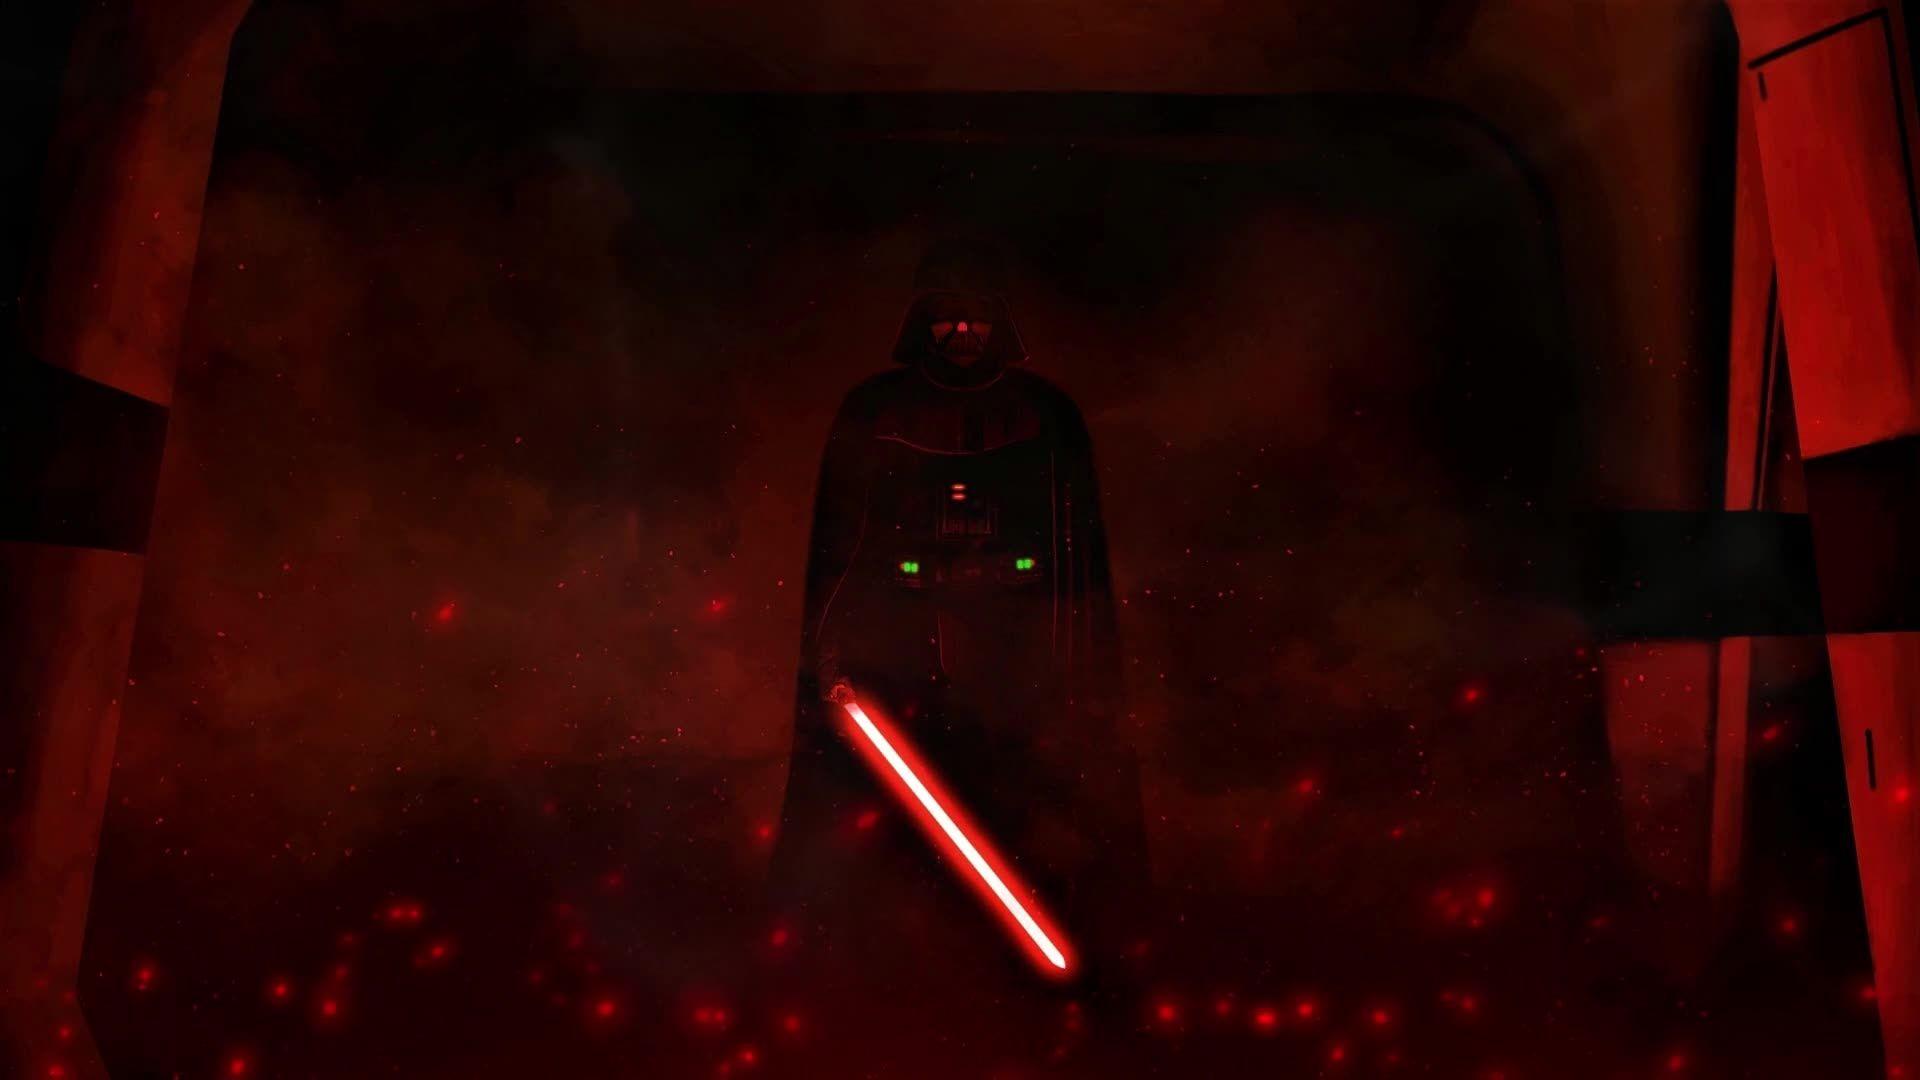 Pin By Sushant Thakur On Wall Star Wars Darth Star Wars Darth Vader Free Animated Wallpaper